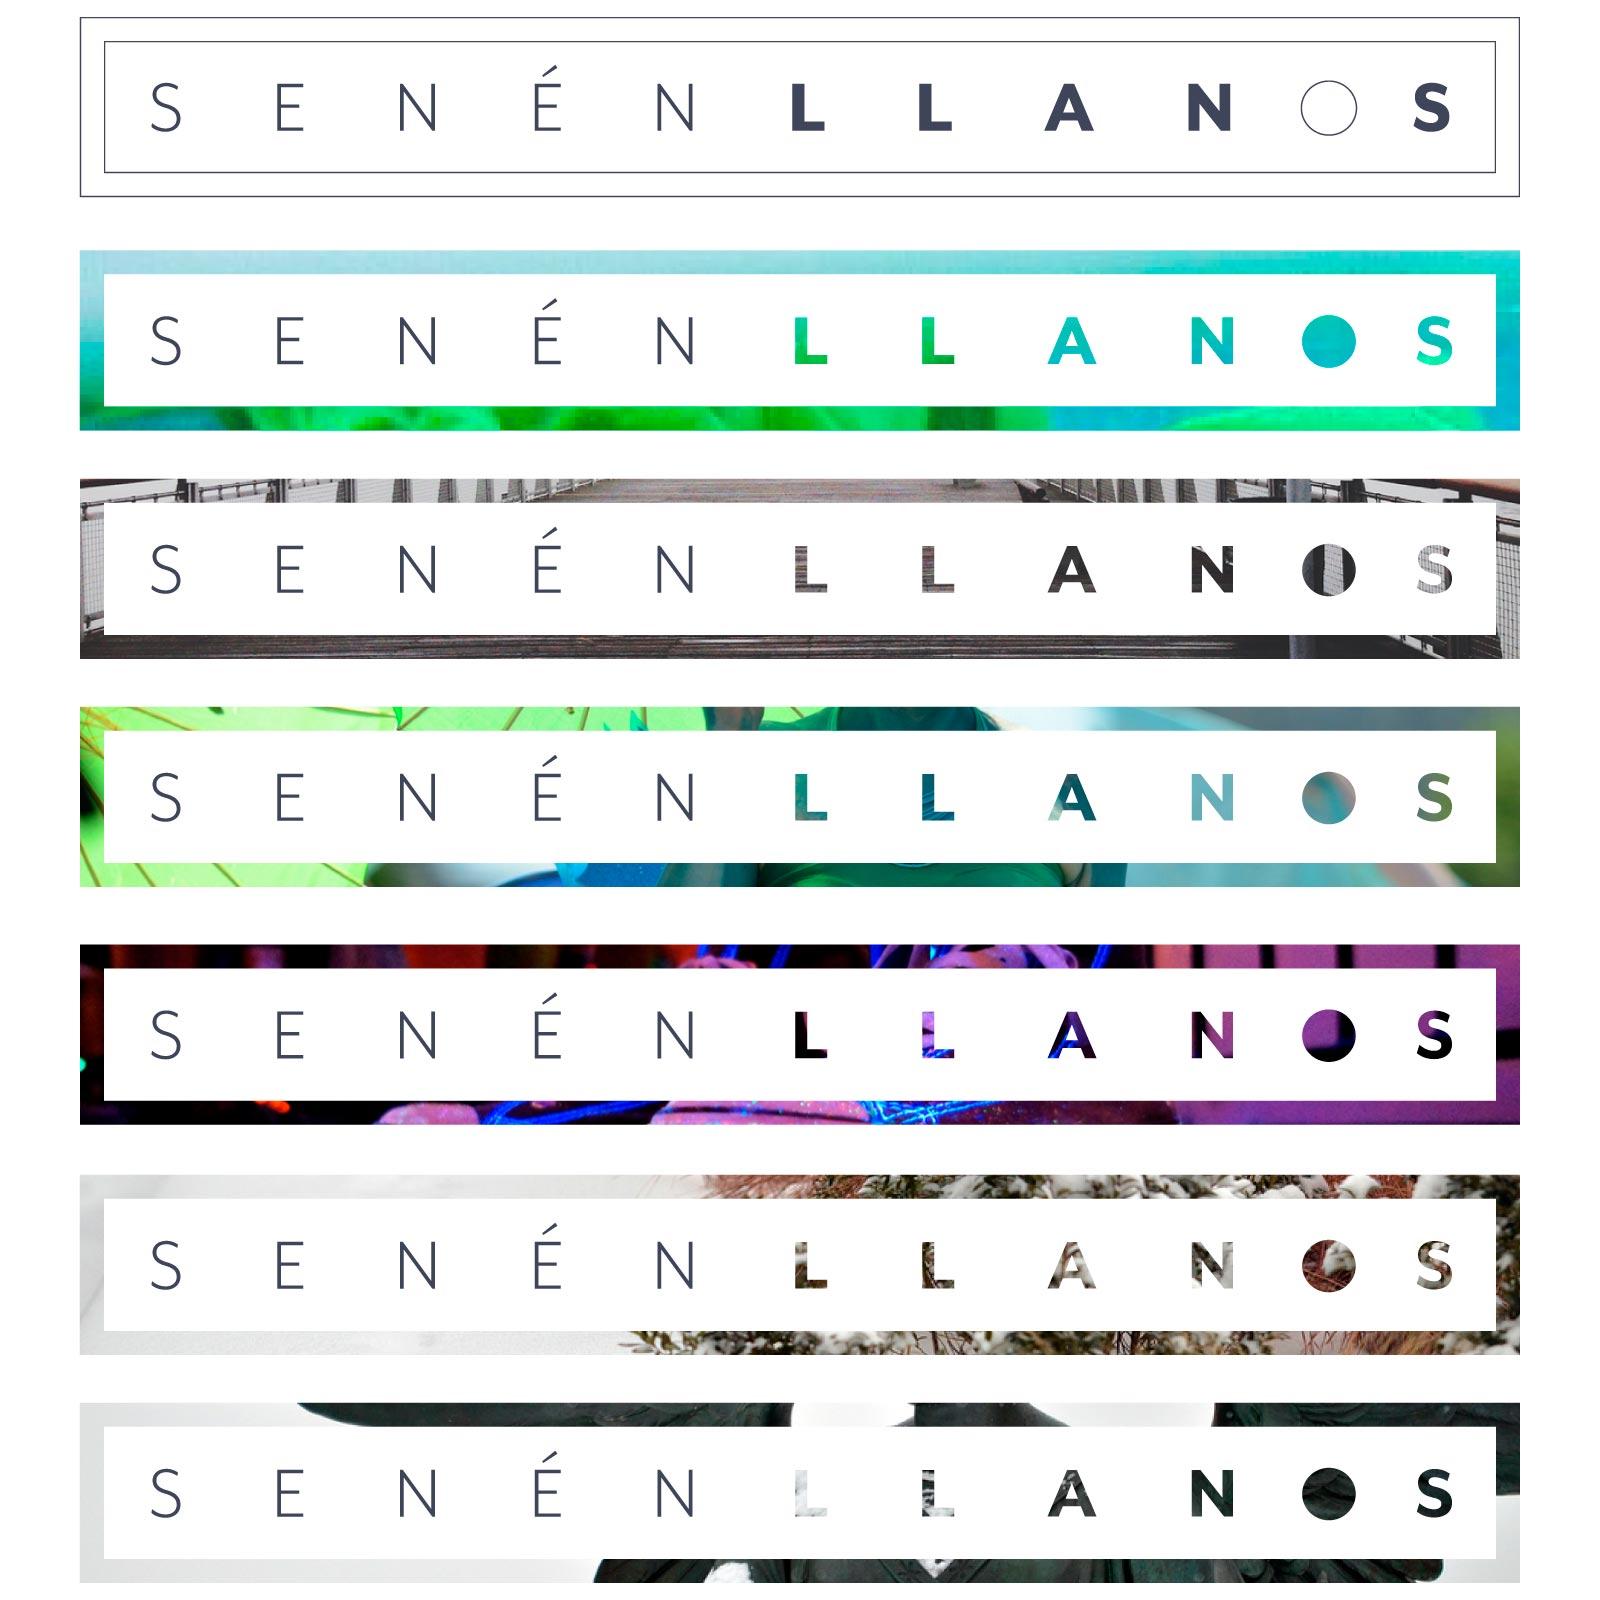 senén llanos logo variations